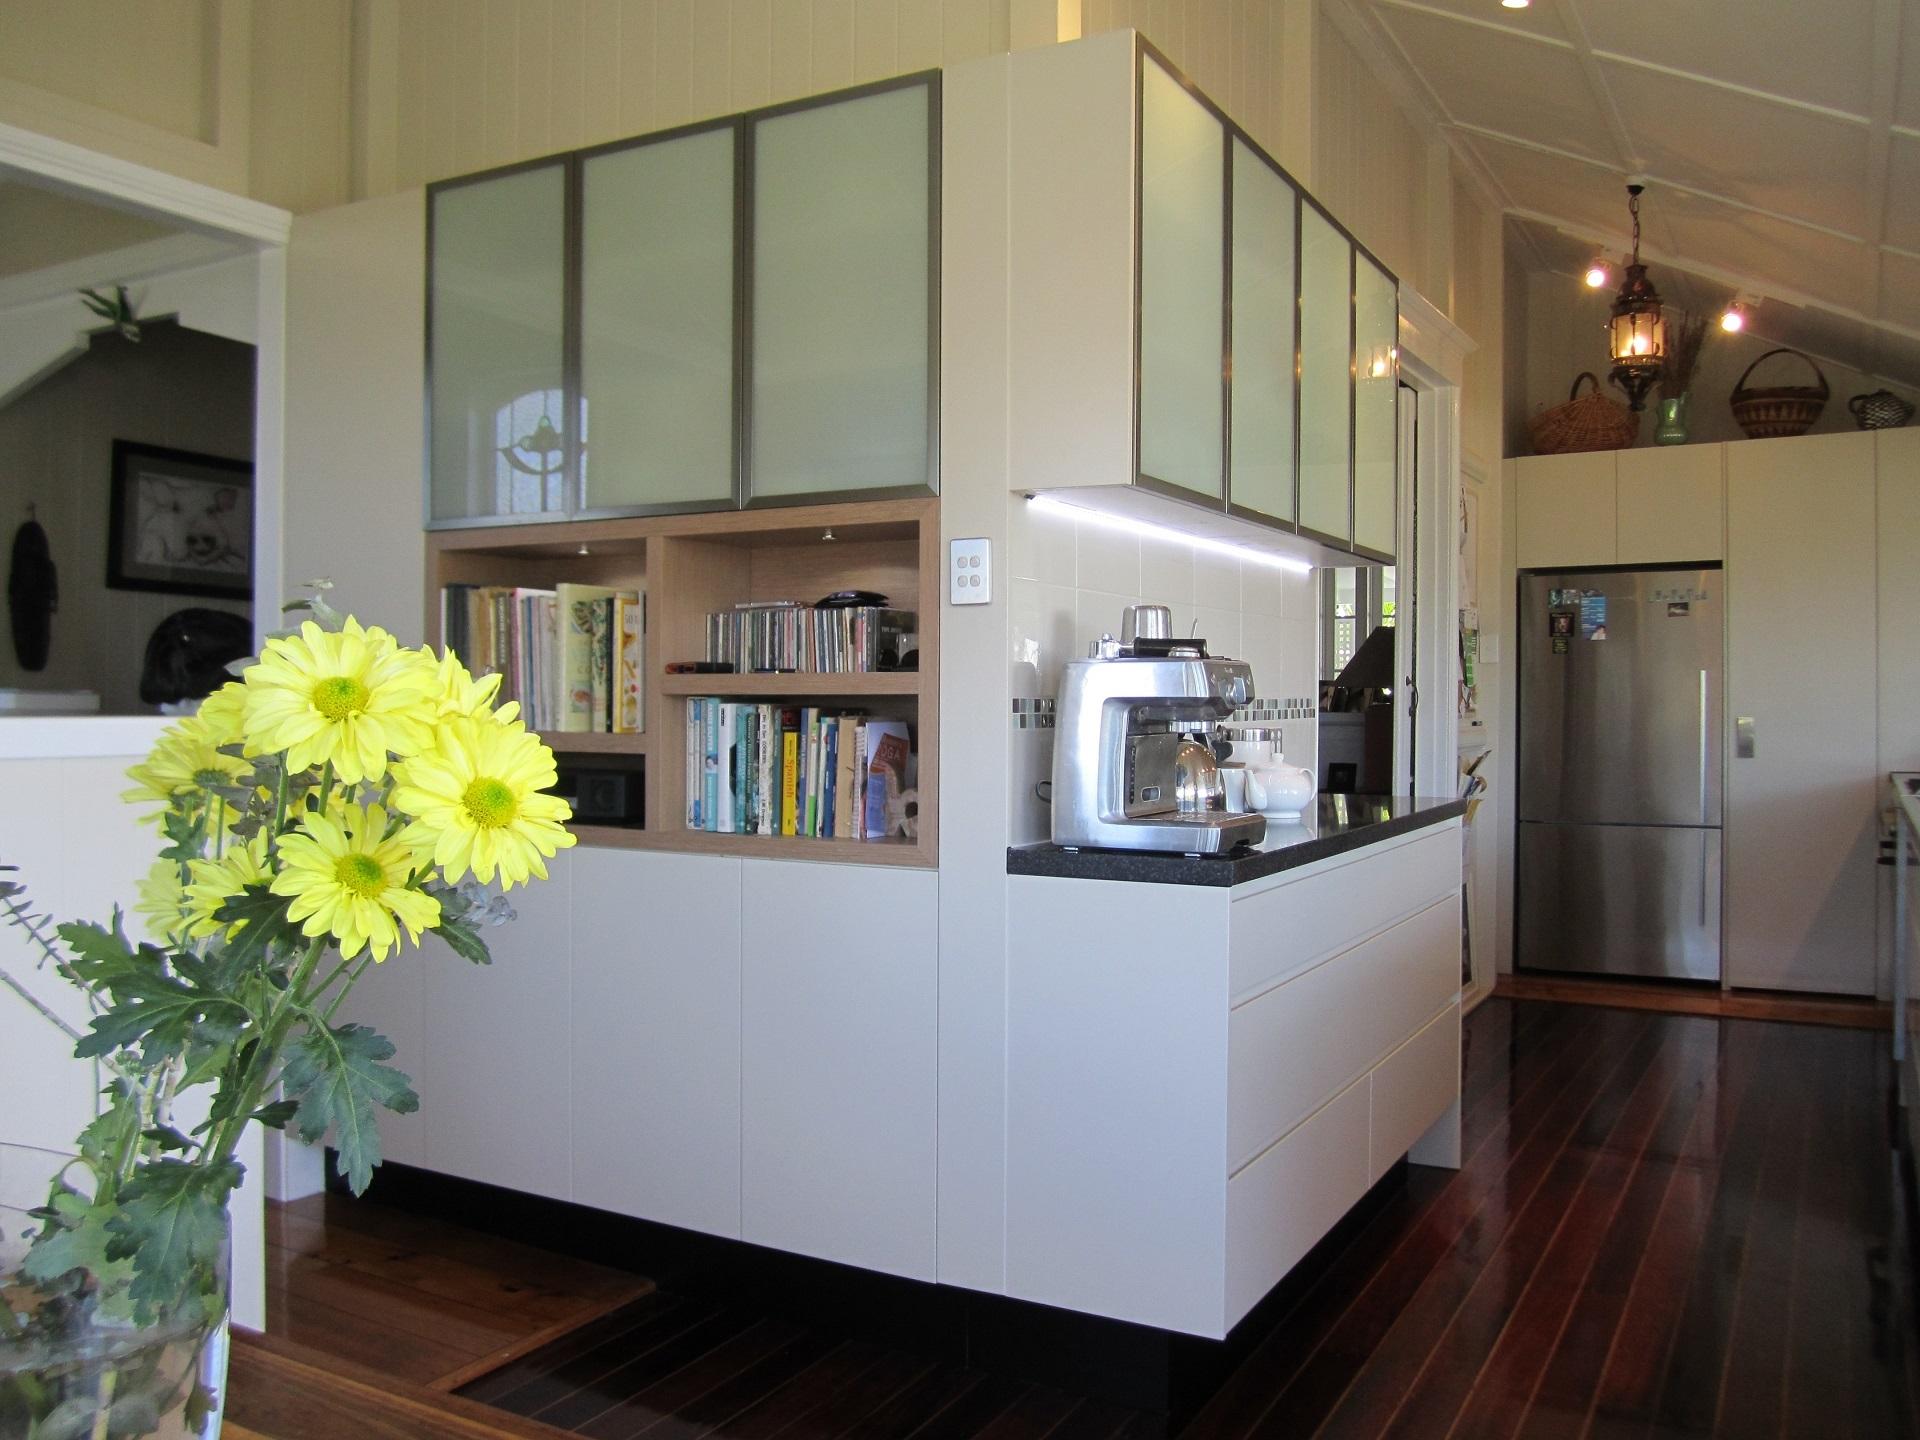 brisbane-kitchen-renovation-wilston-contemporary-kitchen-2